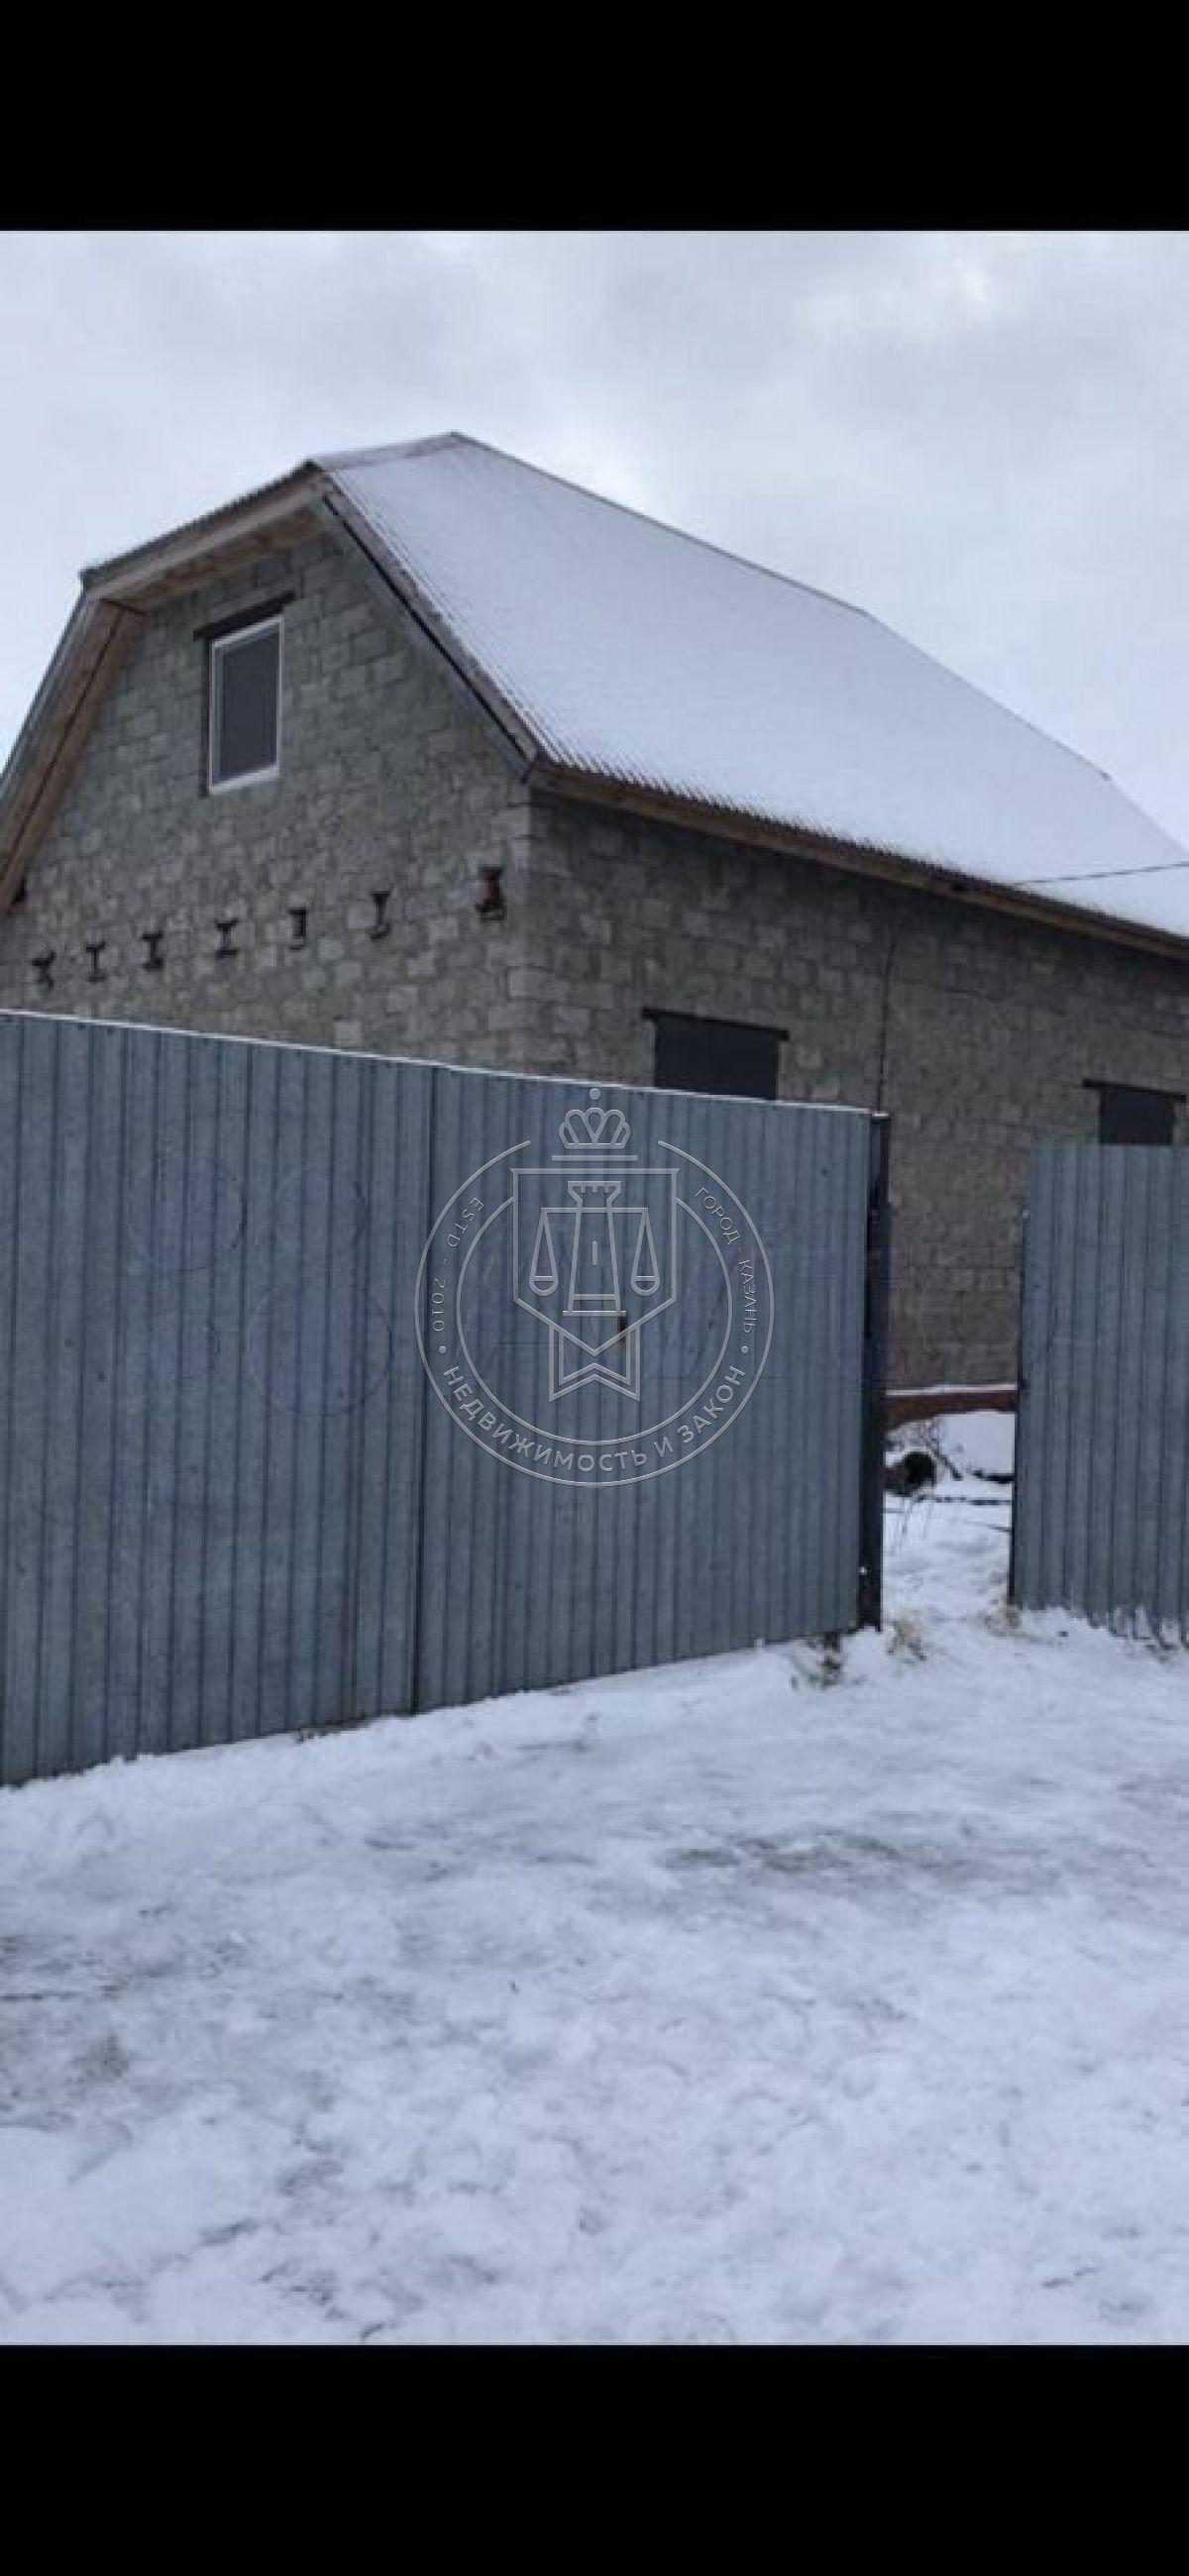 Продажа  дома Казань садоводческое некоммерческое товарищество Нокса-Авиа, 1